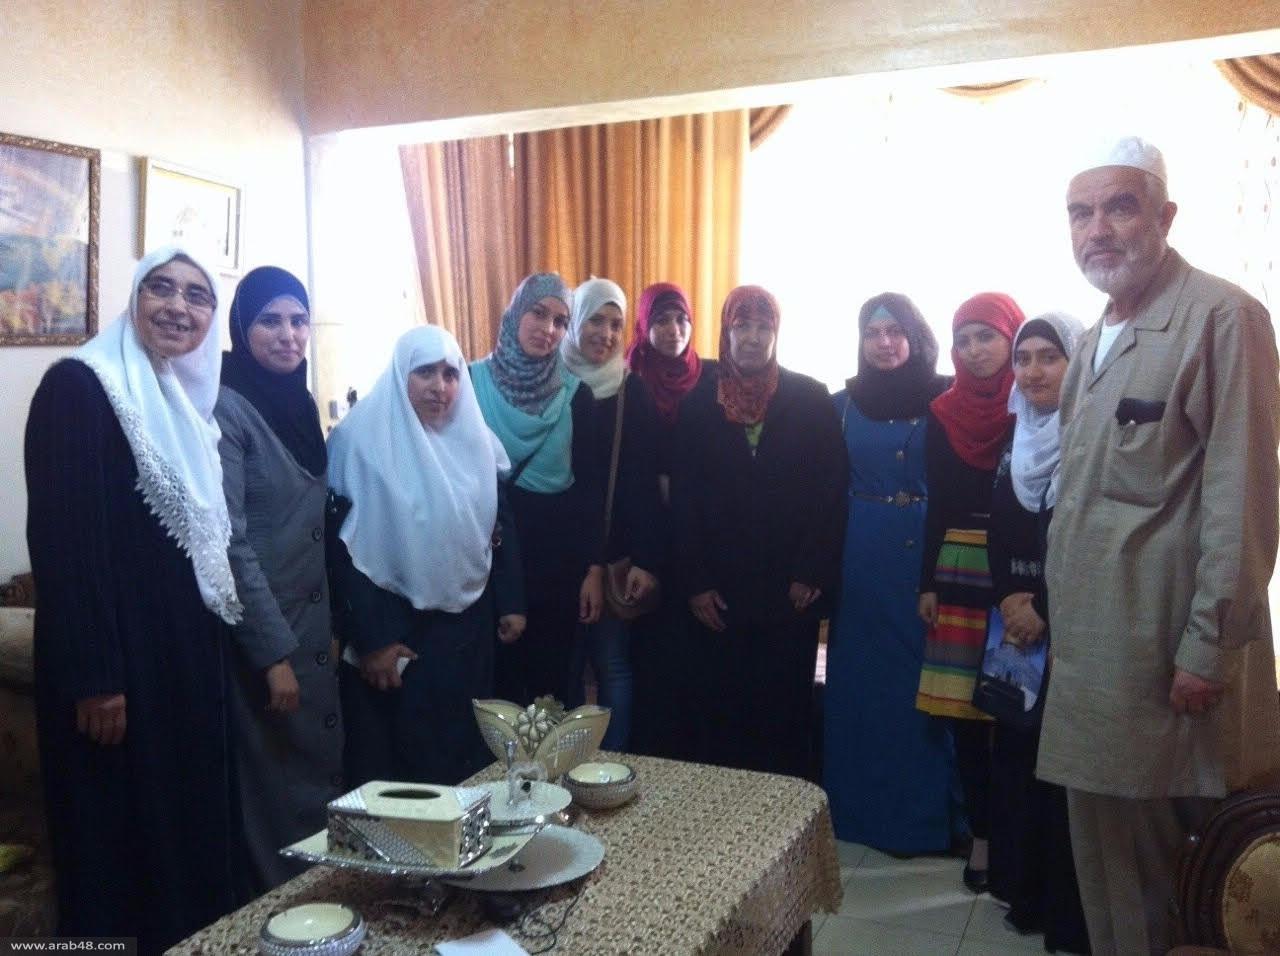 لجنة الحريات تواصل زياراتها لعائلات الأسرى